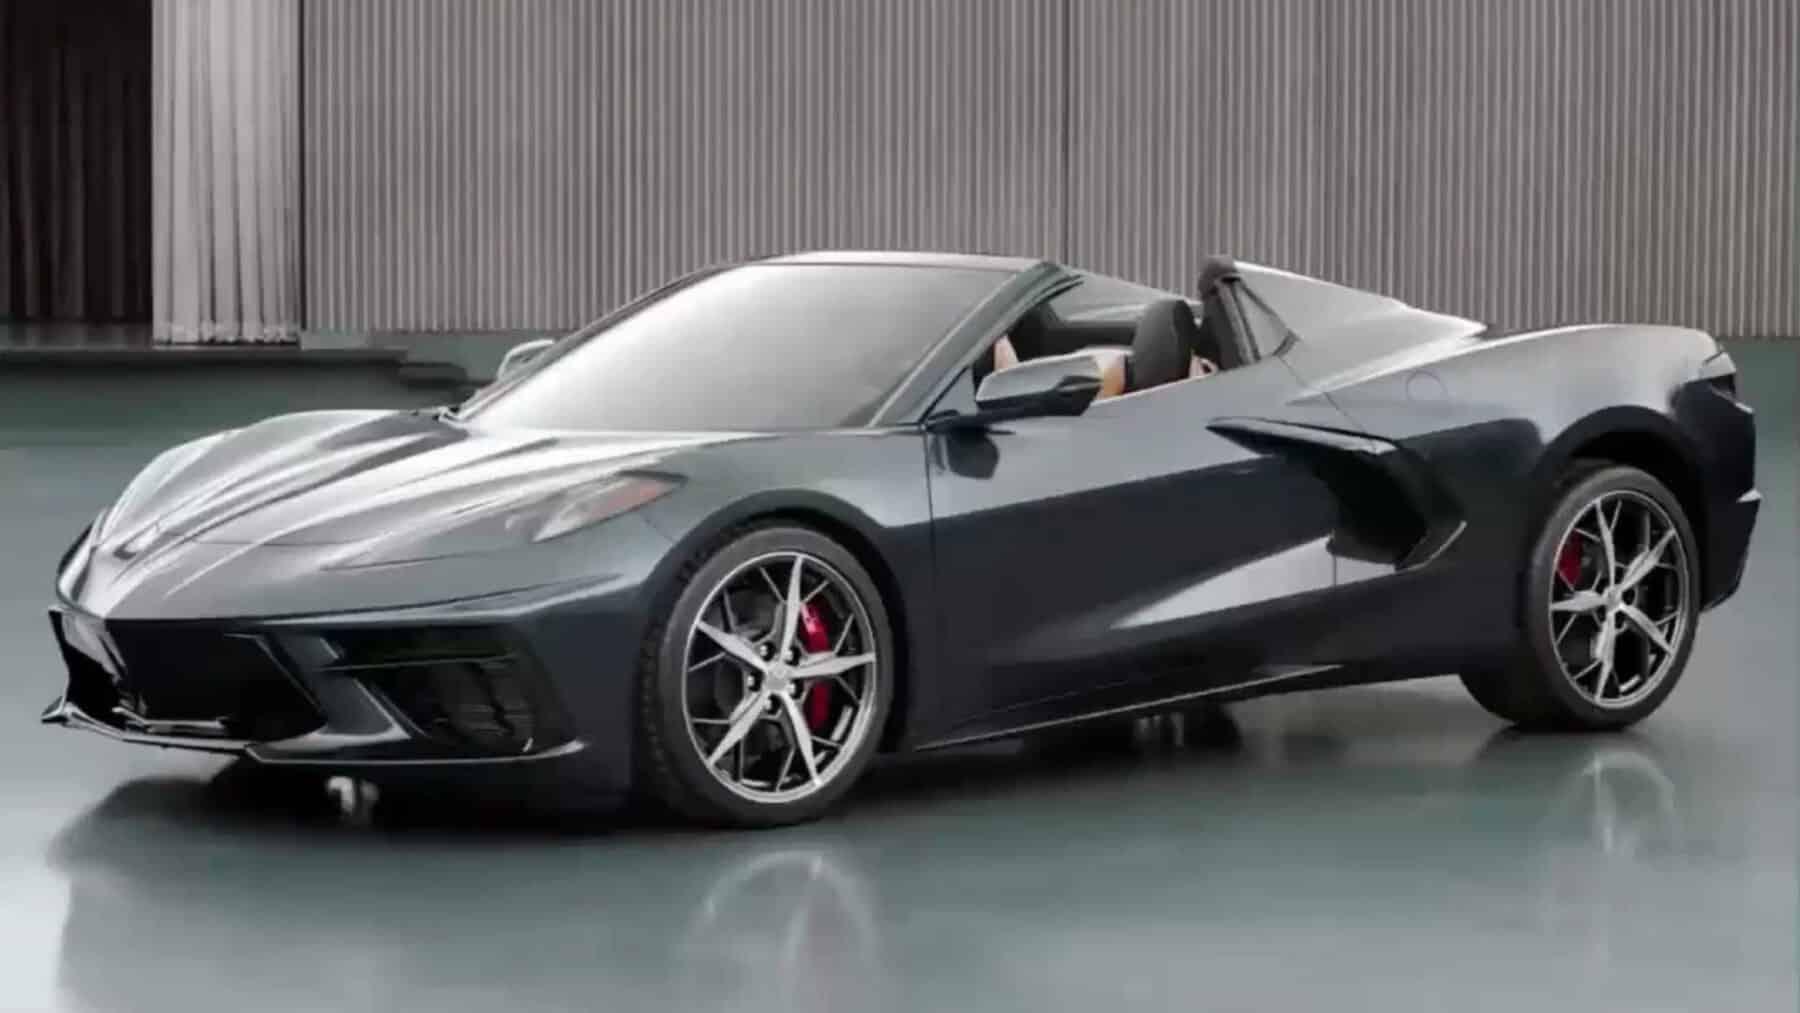 Primeras imágenes del Chevrolet Corvette Convertible 2020: ¿Todavía mejor que el Stingray?